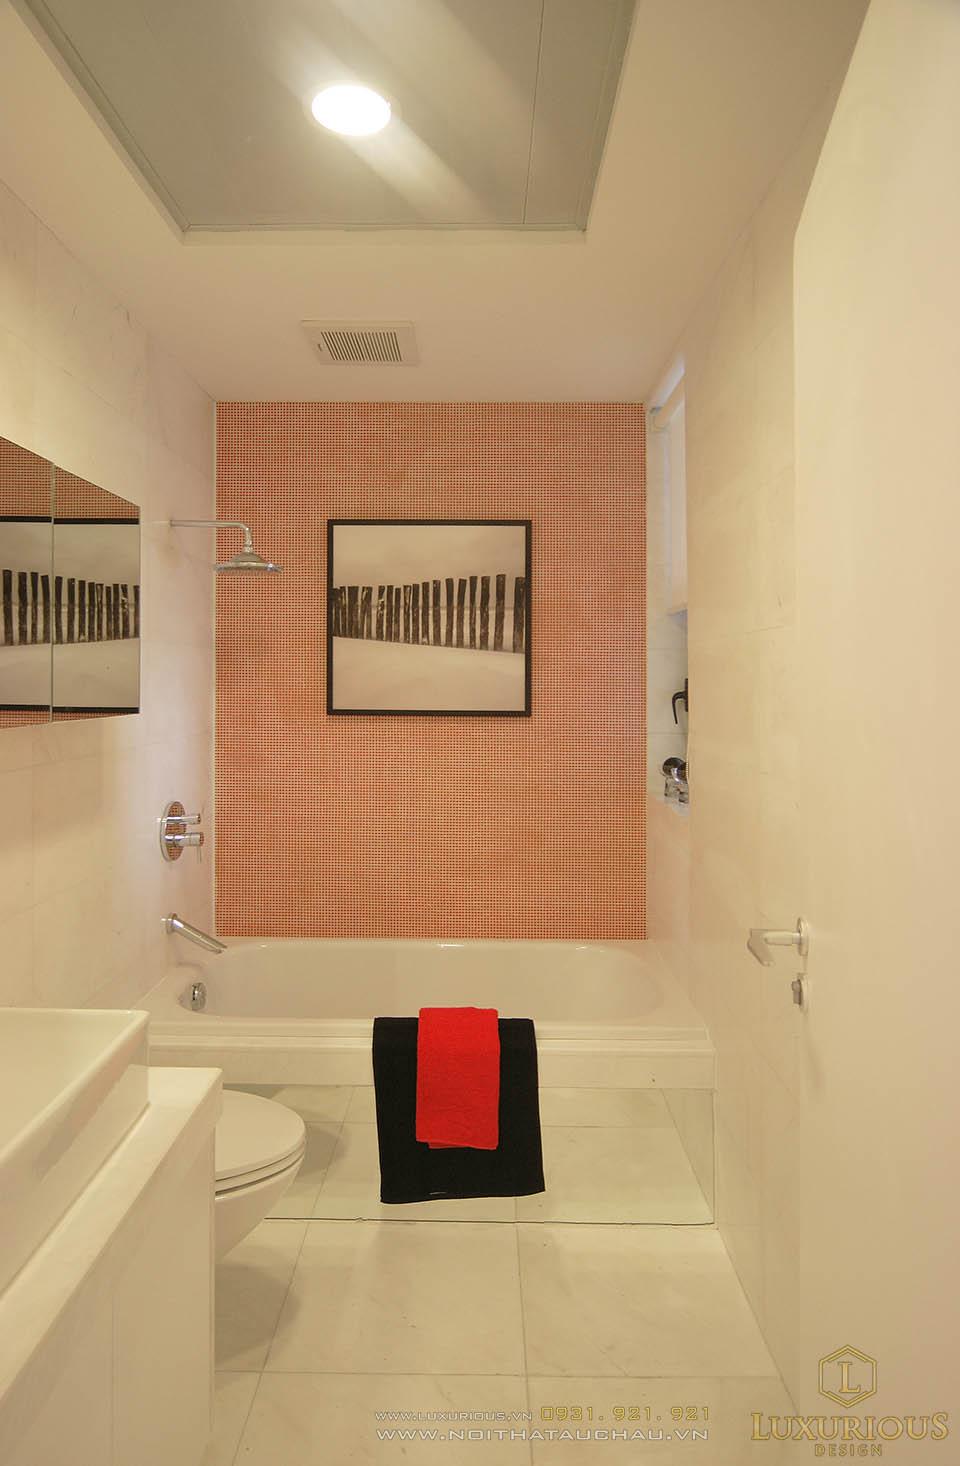 thiết kế thi công nội thất phòng vệ sinh